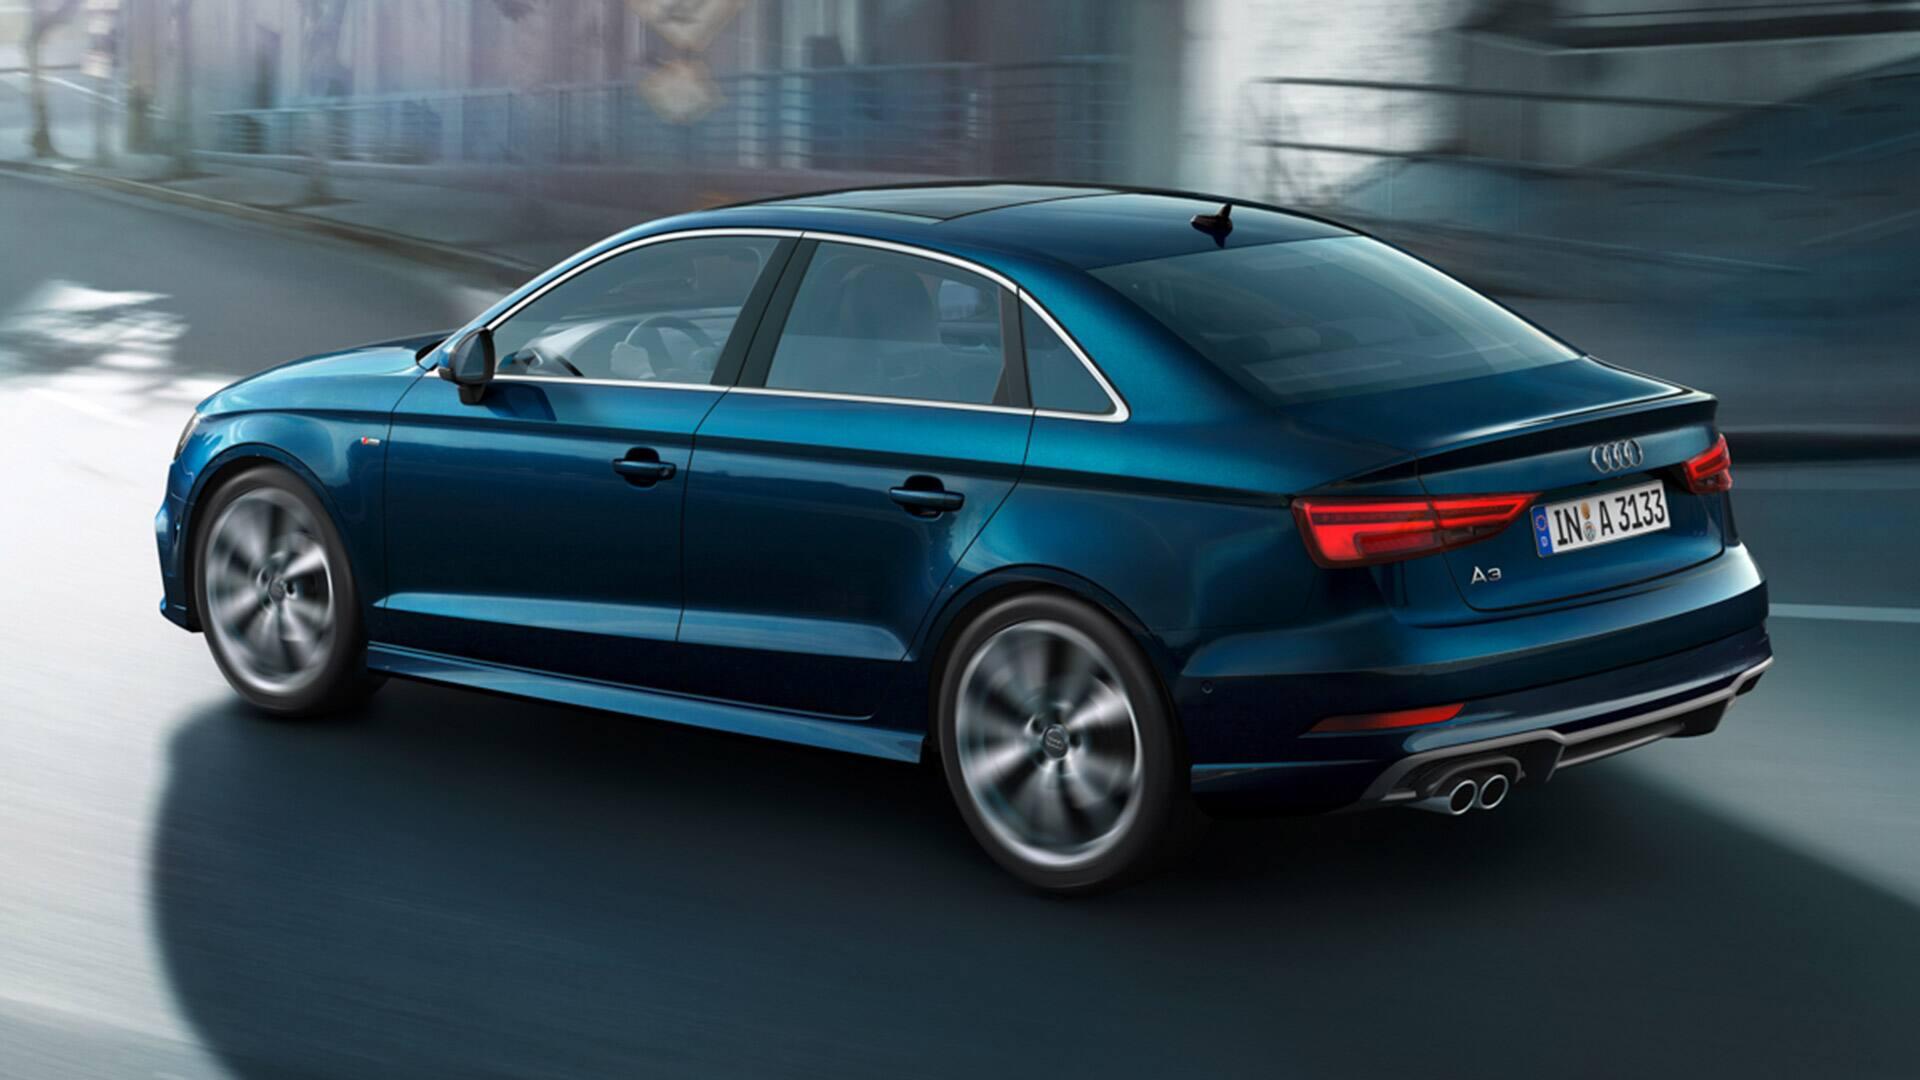 Kelebihan Kekurangan Audi A3 2020 Review